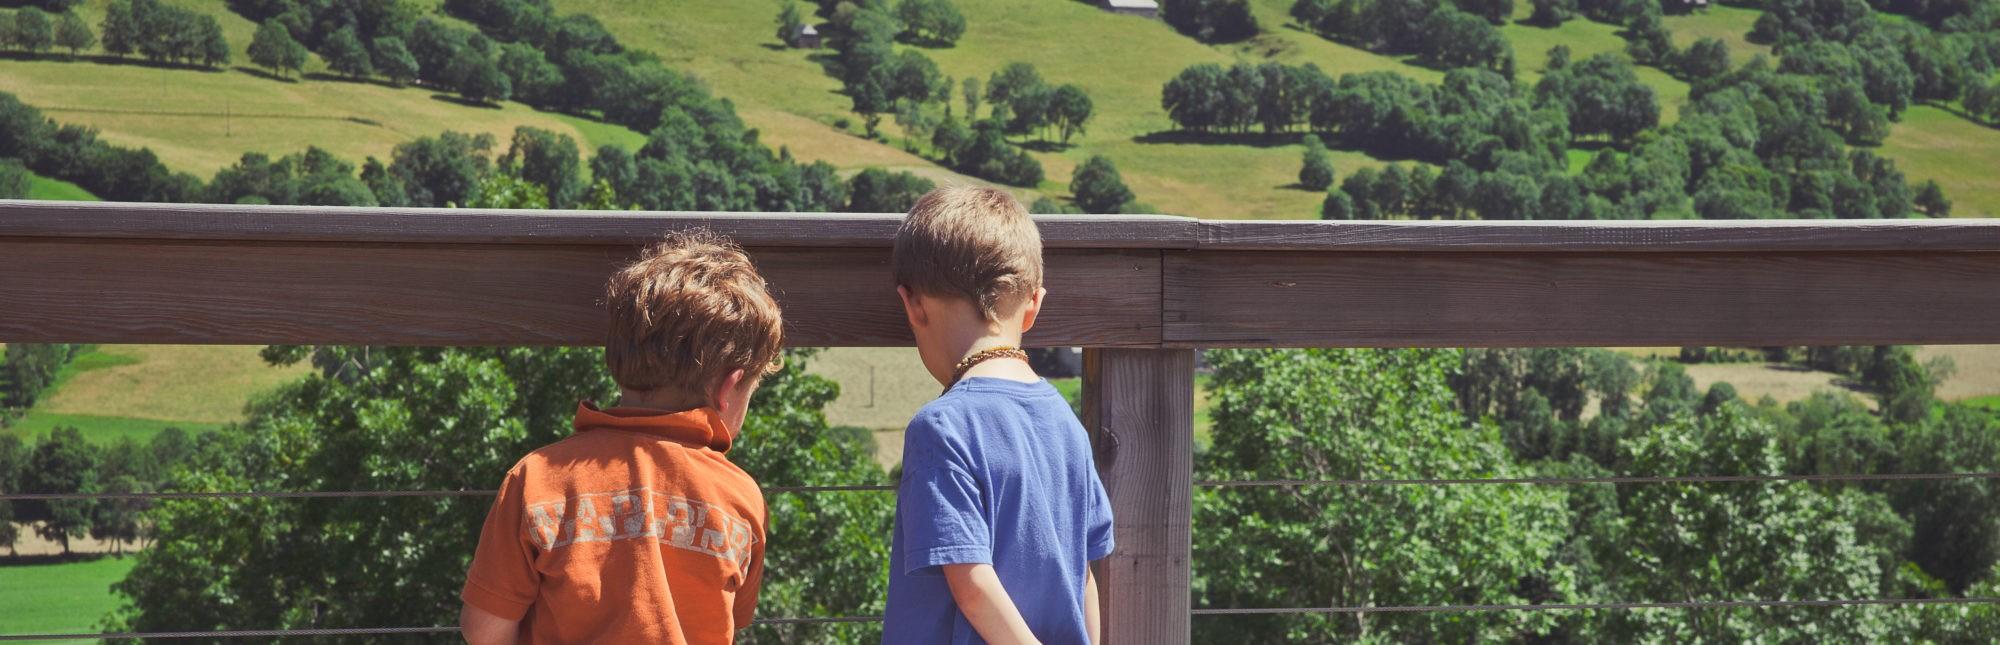 Vive les vacances dans le Cantal! Photo ©Eve Hilaire